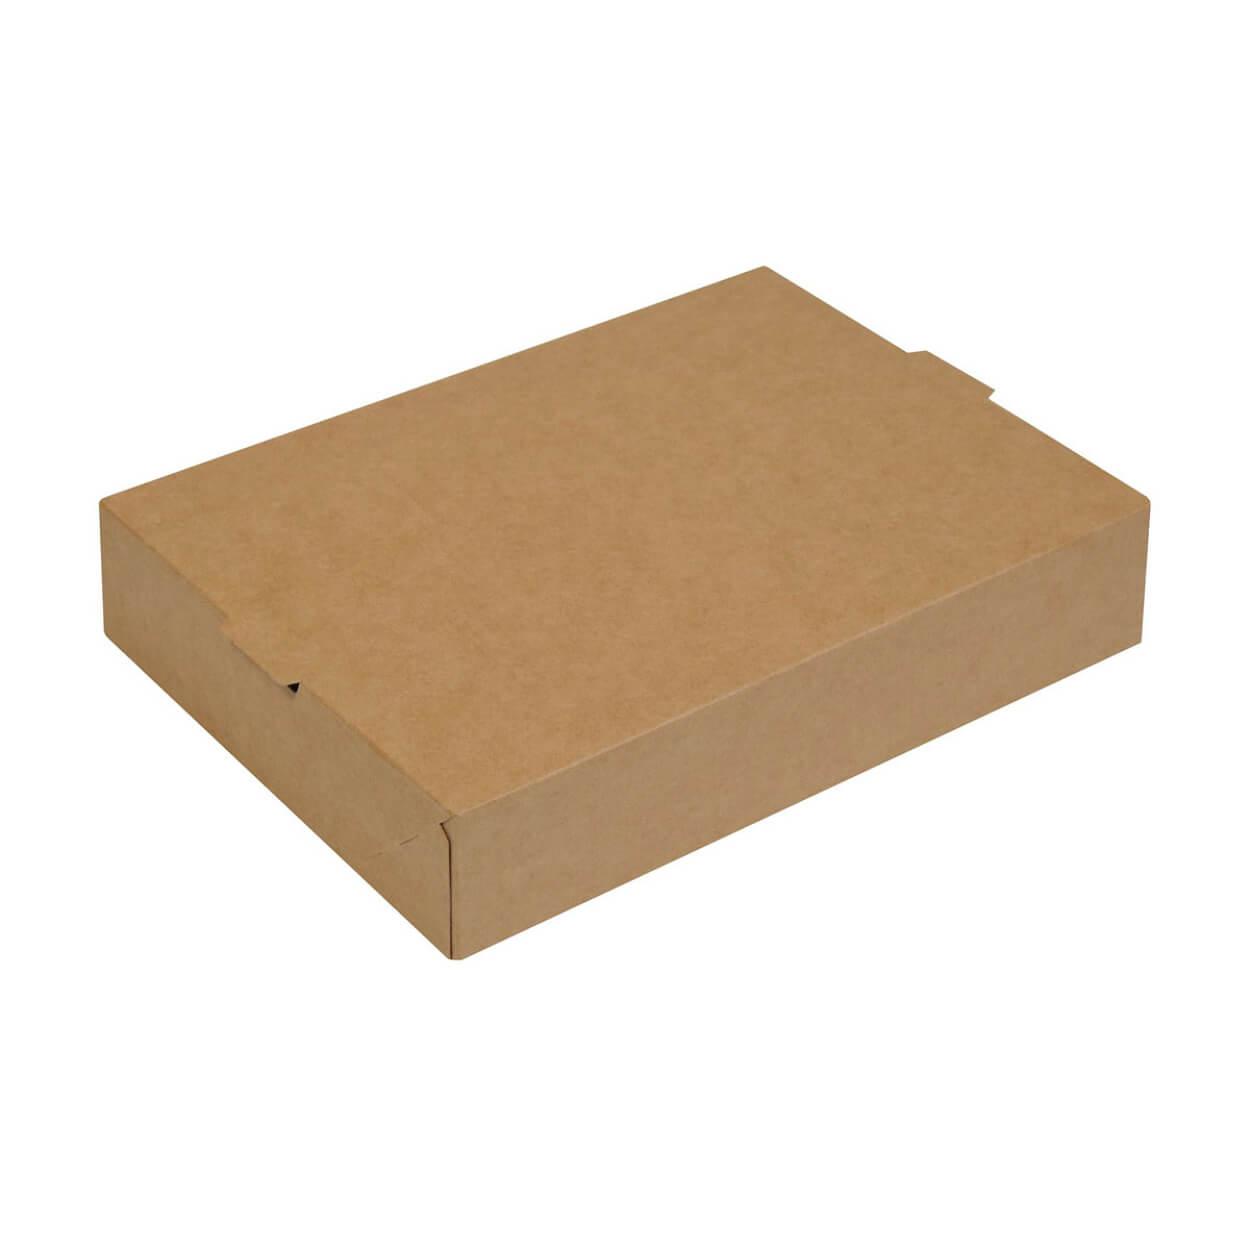 ΚΟΥΤΙ ΜΕΡΙΔΑ ΜΙΚΡΟ Kraft 23×16,5×4,7